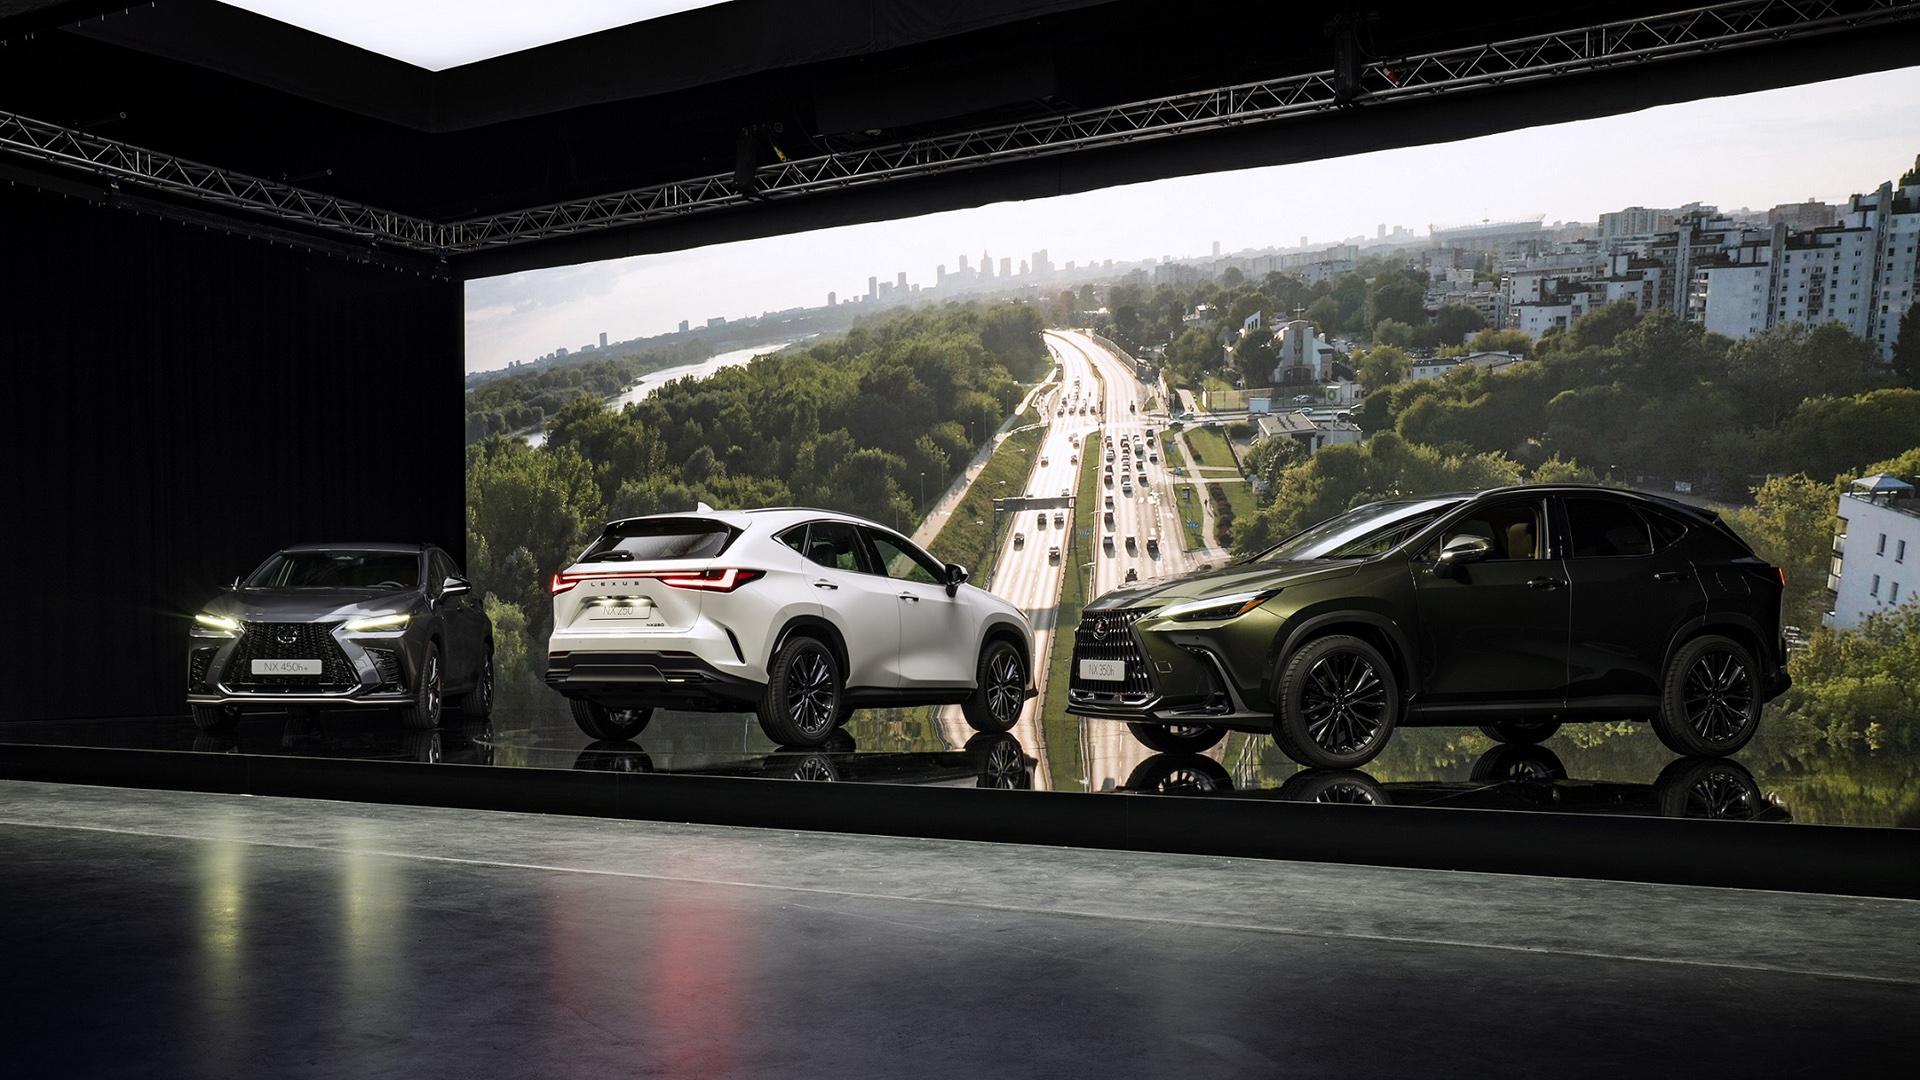 Yeni Nesil NX SUV'un Dünya Prömiyerini Gerçekleştirdi gallery06